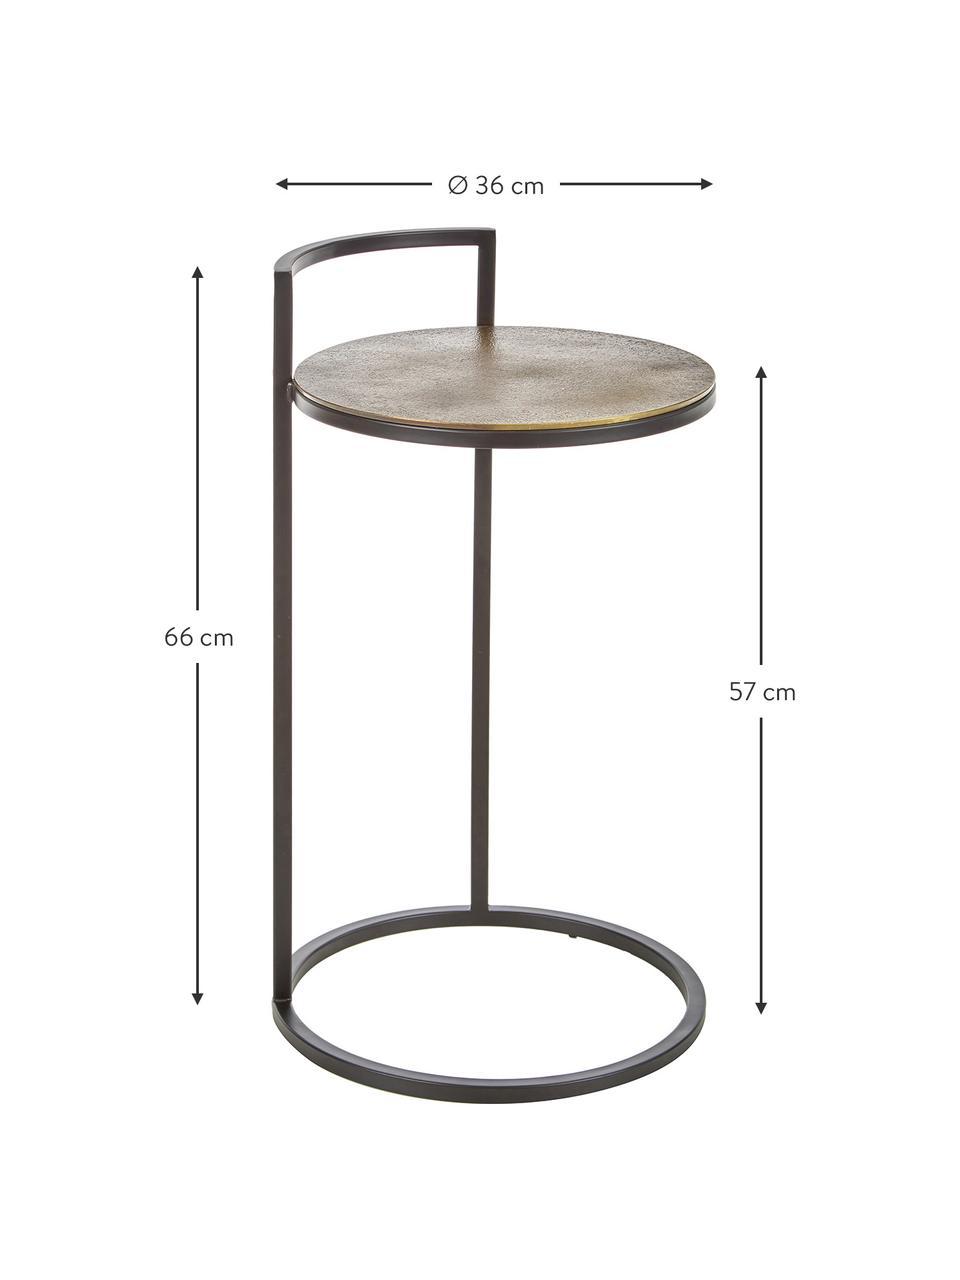 Okrągły stolik pomocniczy z metalu Circle, Blat: metal powlekany, Stelaż: metal lakierowany, Złoty, czarny, Ø 35 x W 66 cm